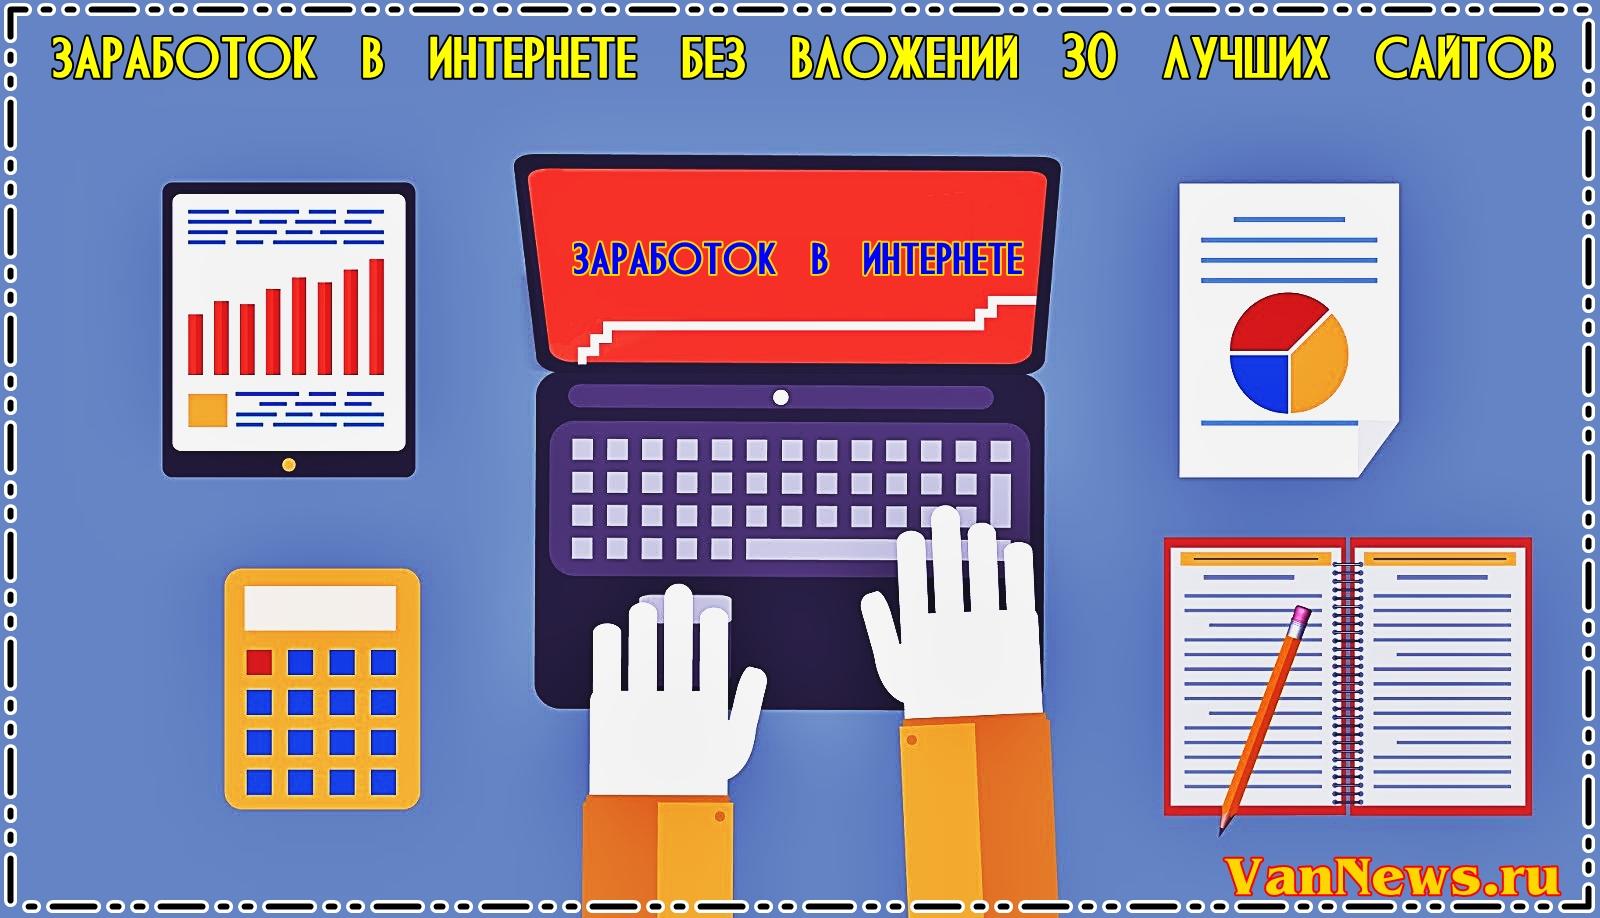 zarabotok-v-internete-bez-vlozheniy-30-luchshikh-saytov